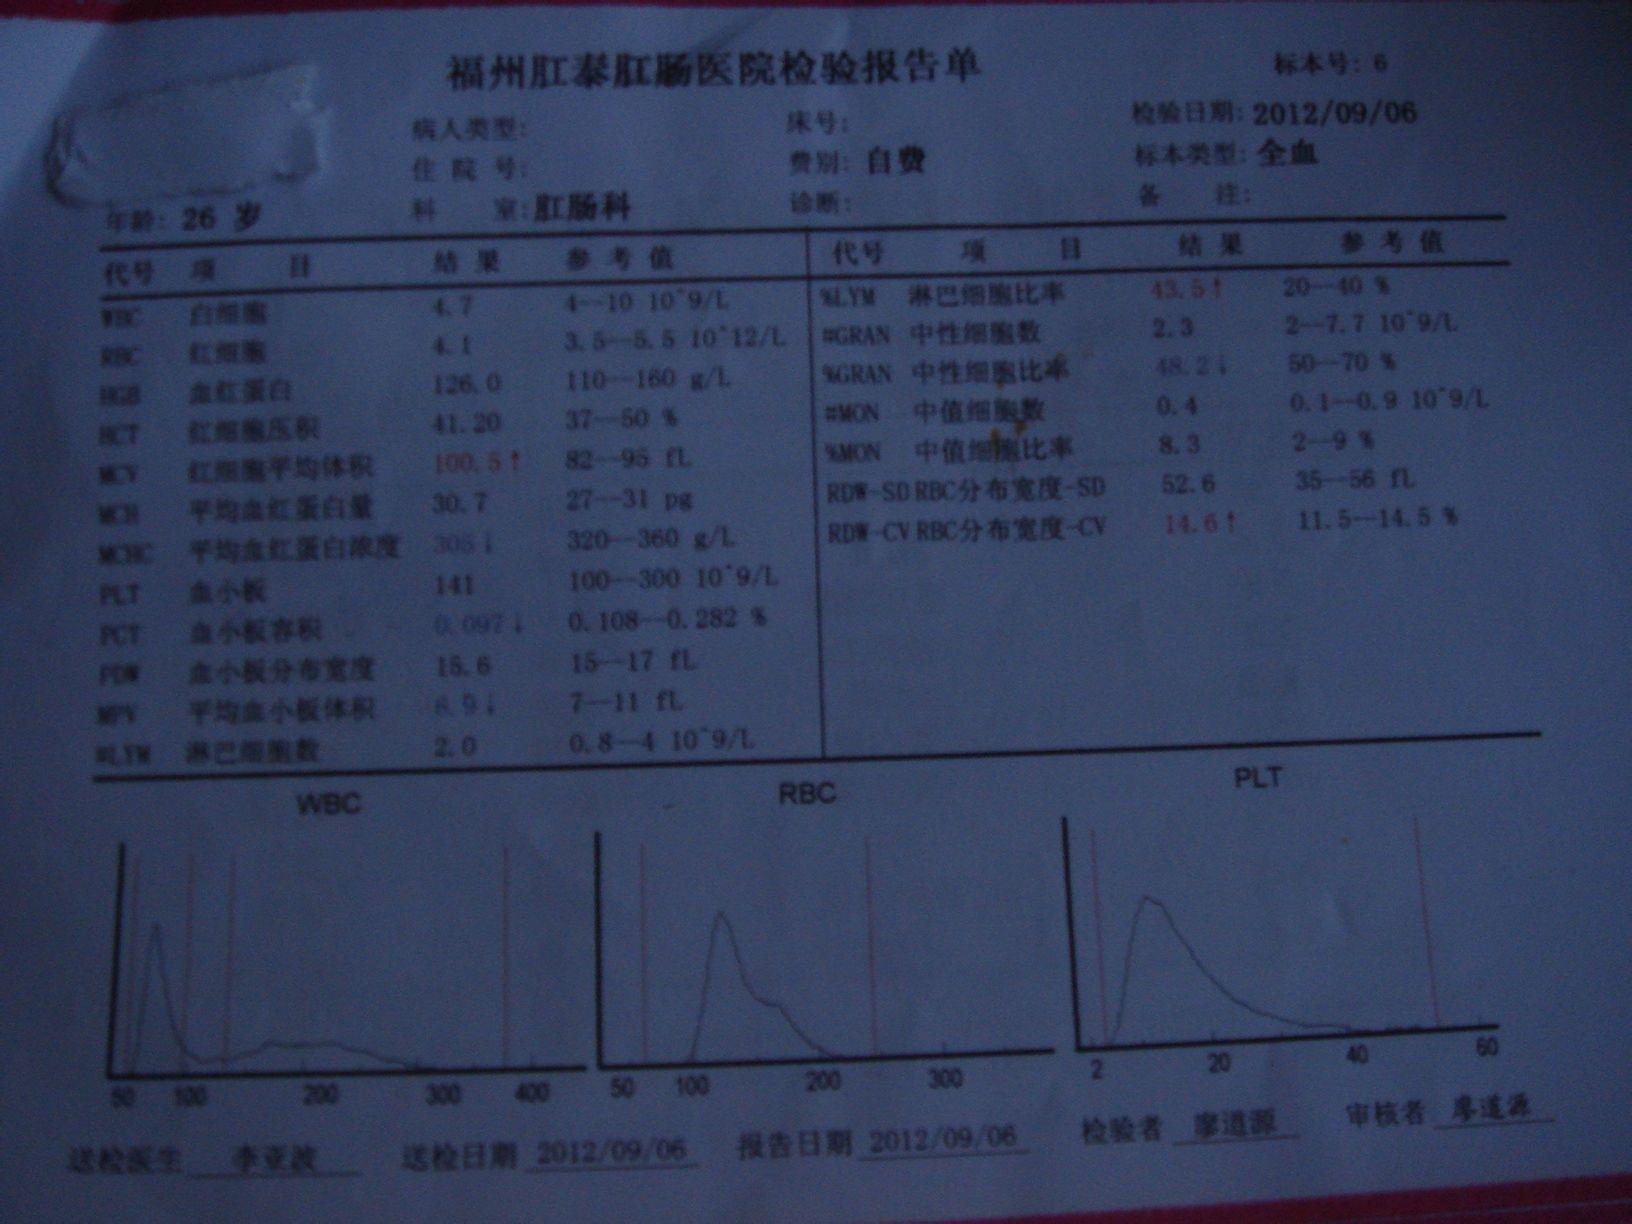 怎么�:j�9df9m�y�i�(c9b�_求助,得混合痔疮病,怎么办?请见图(报告单)